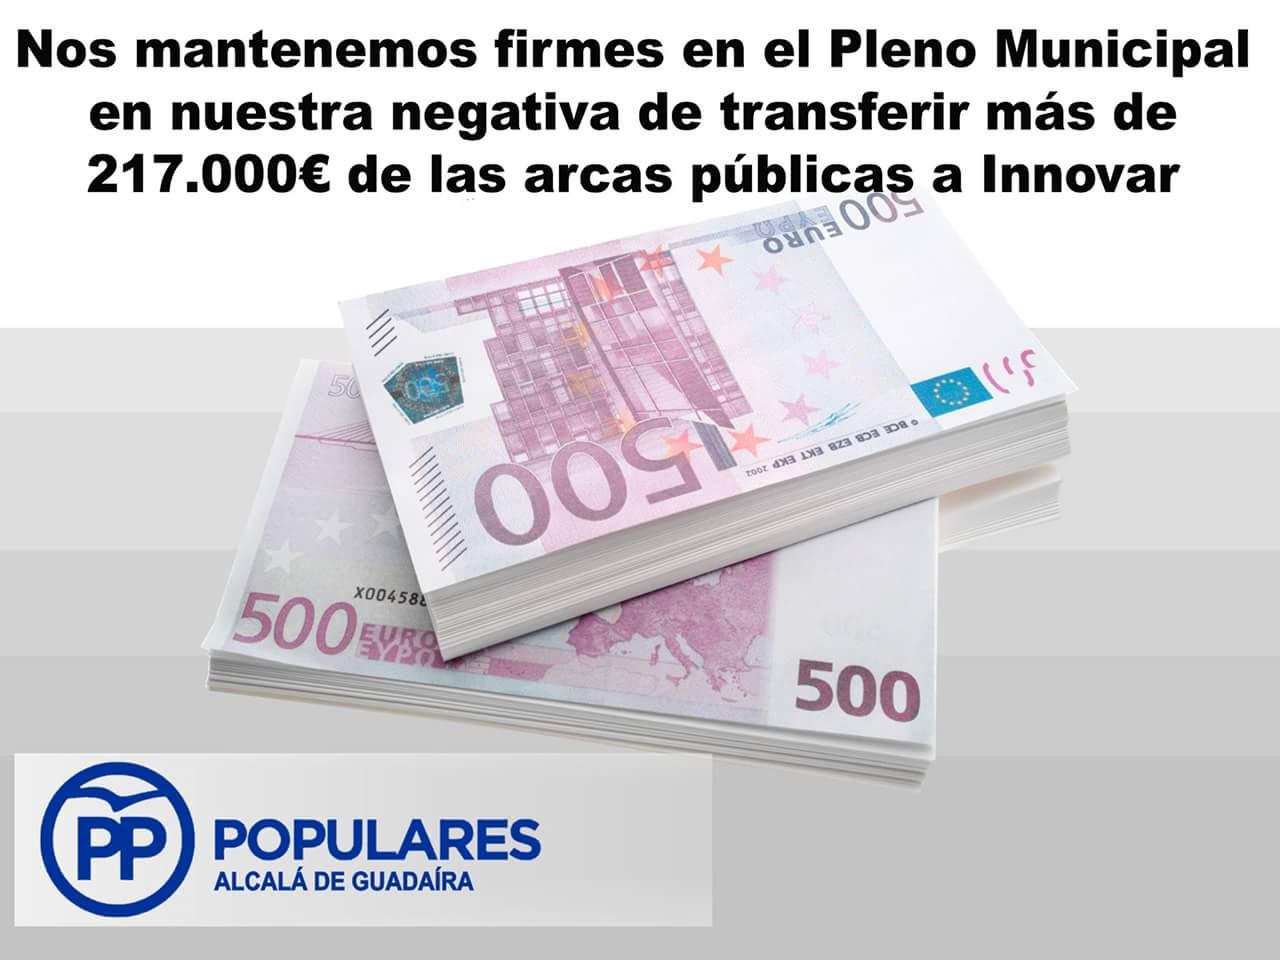 Para gastar tu dinero se unen PSOE y Ciudadanos contra PP y los demás